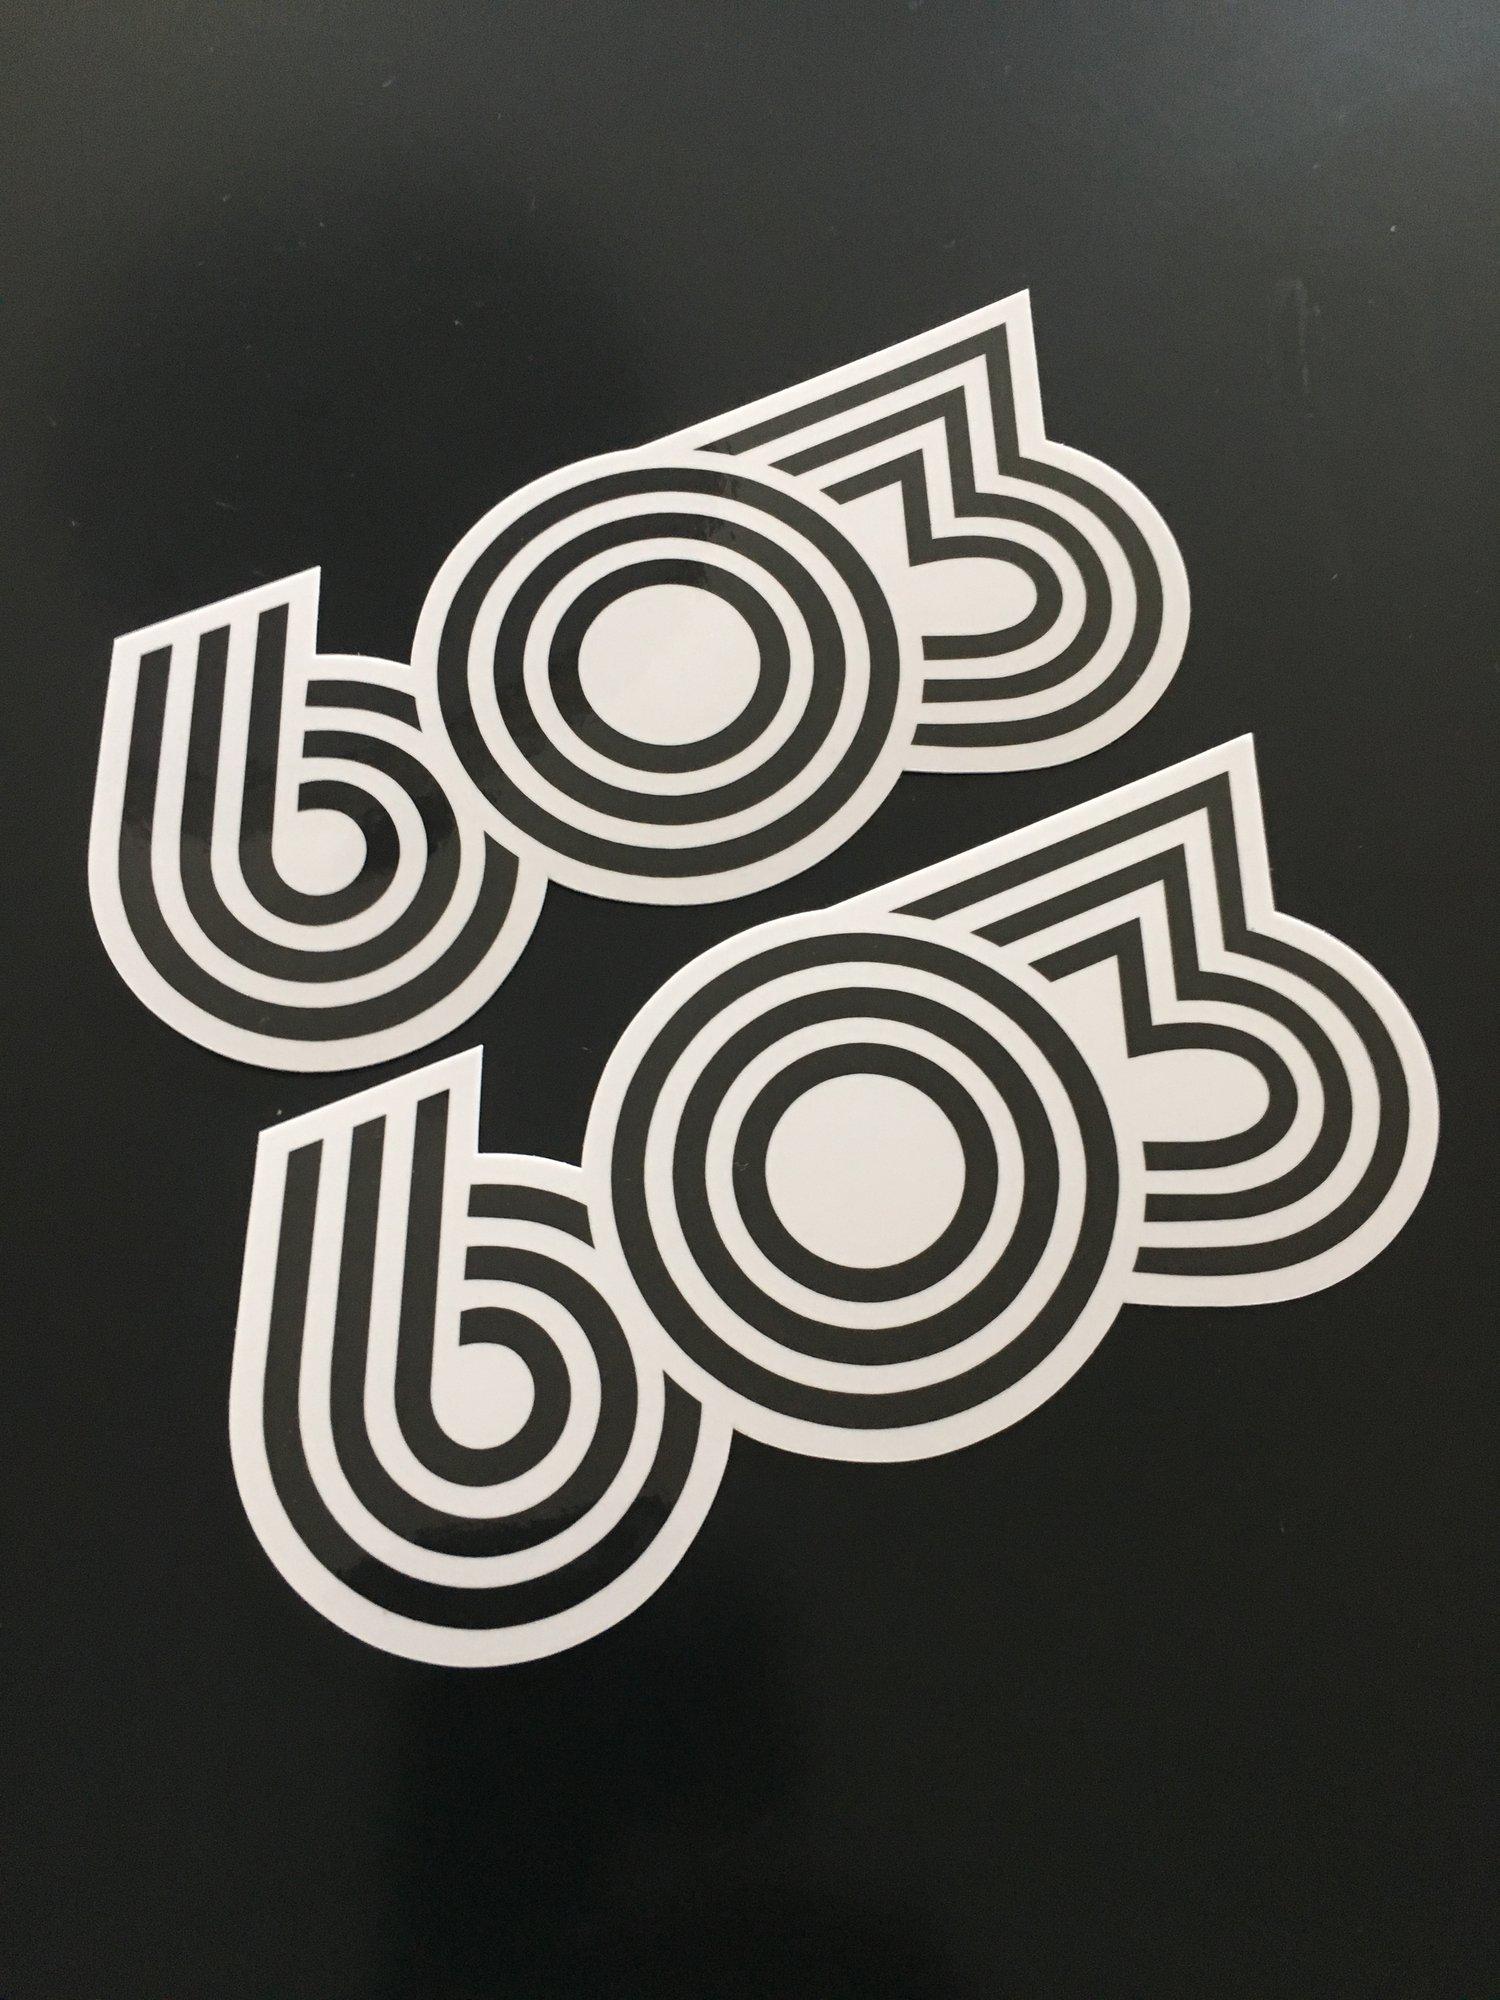 Image of Retro 603  vinyl stickers